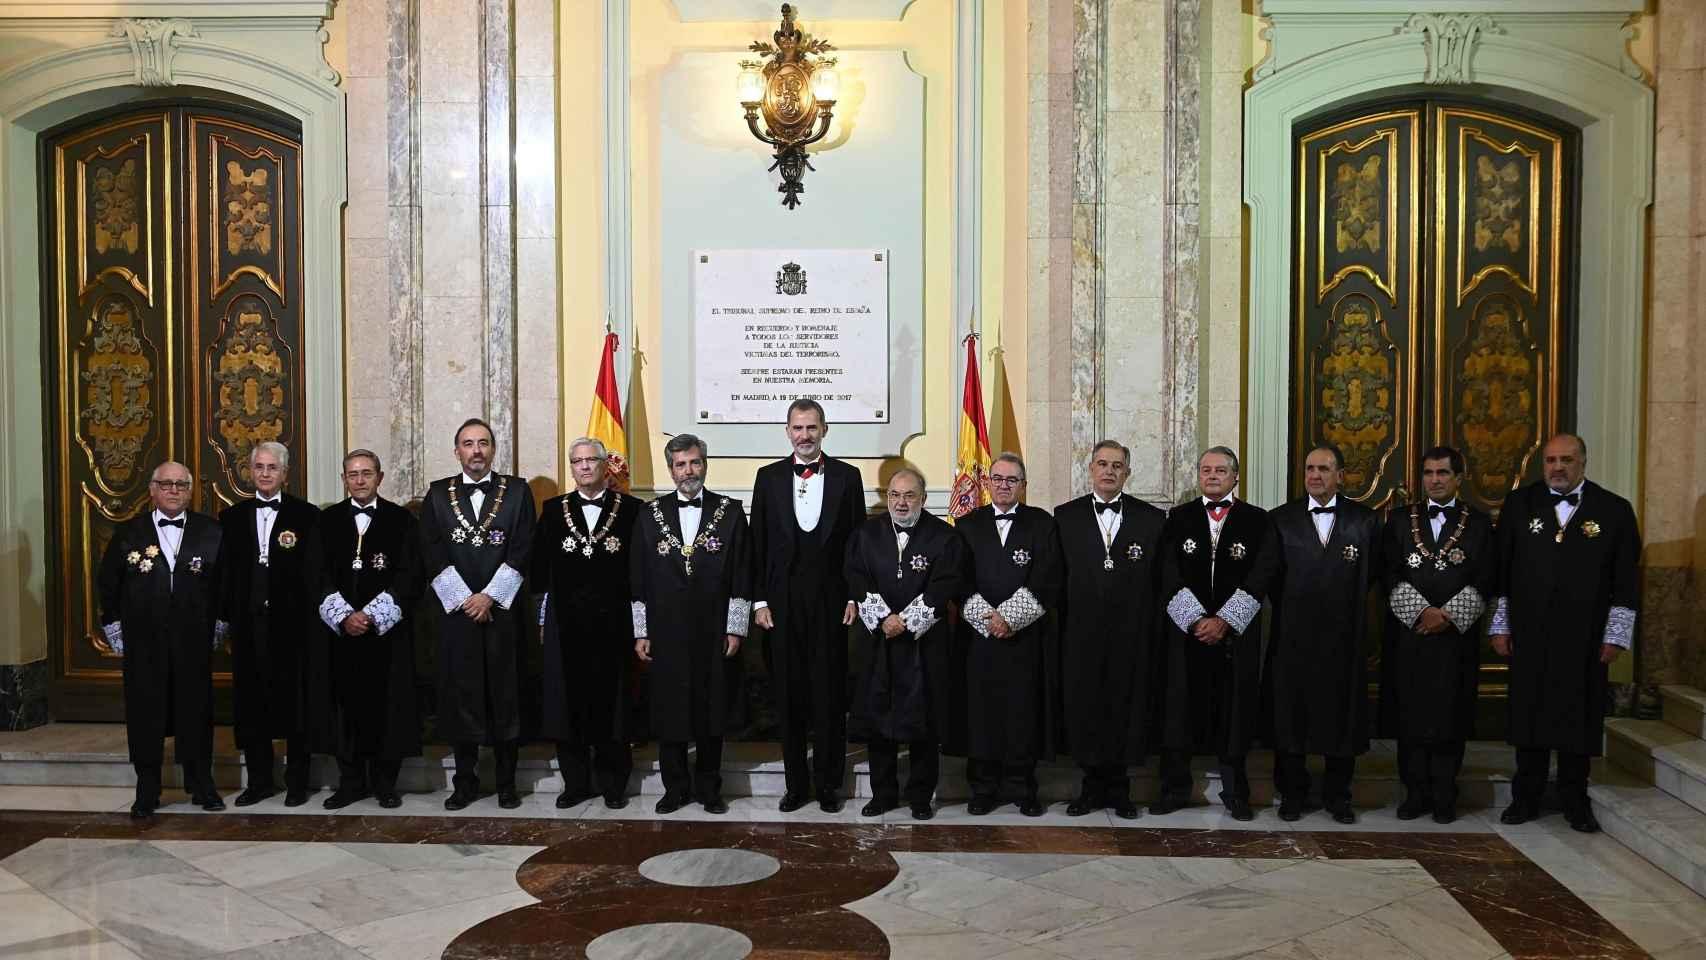 Foto de familia en el Tribunal Supremo durante la ceremonia de apertura del año judicial. / Efe